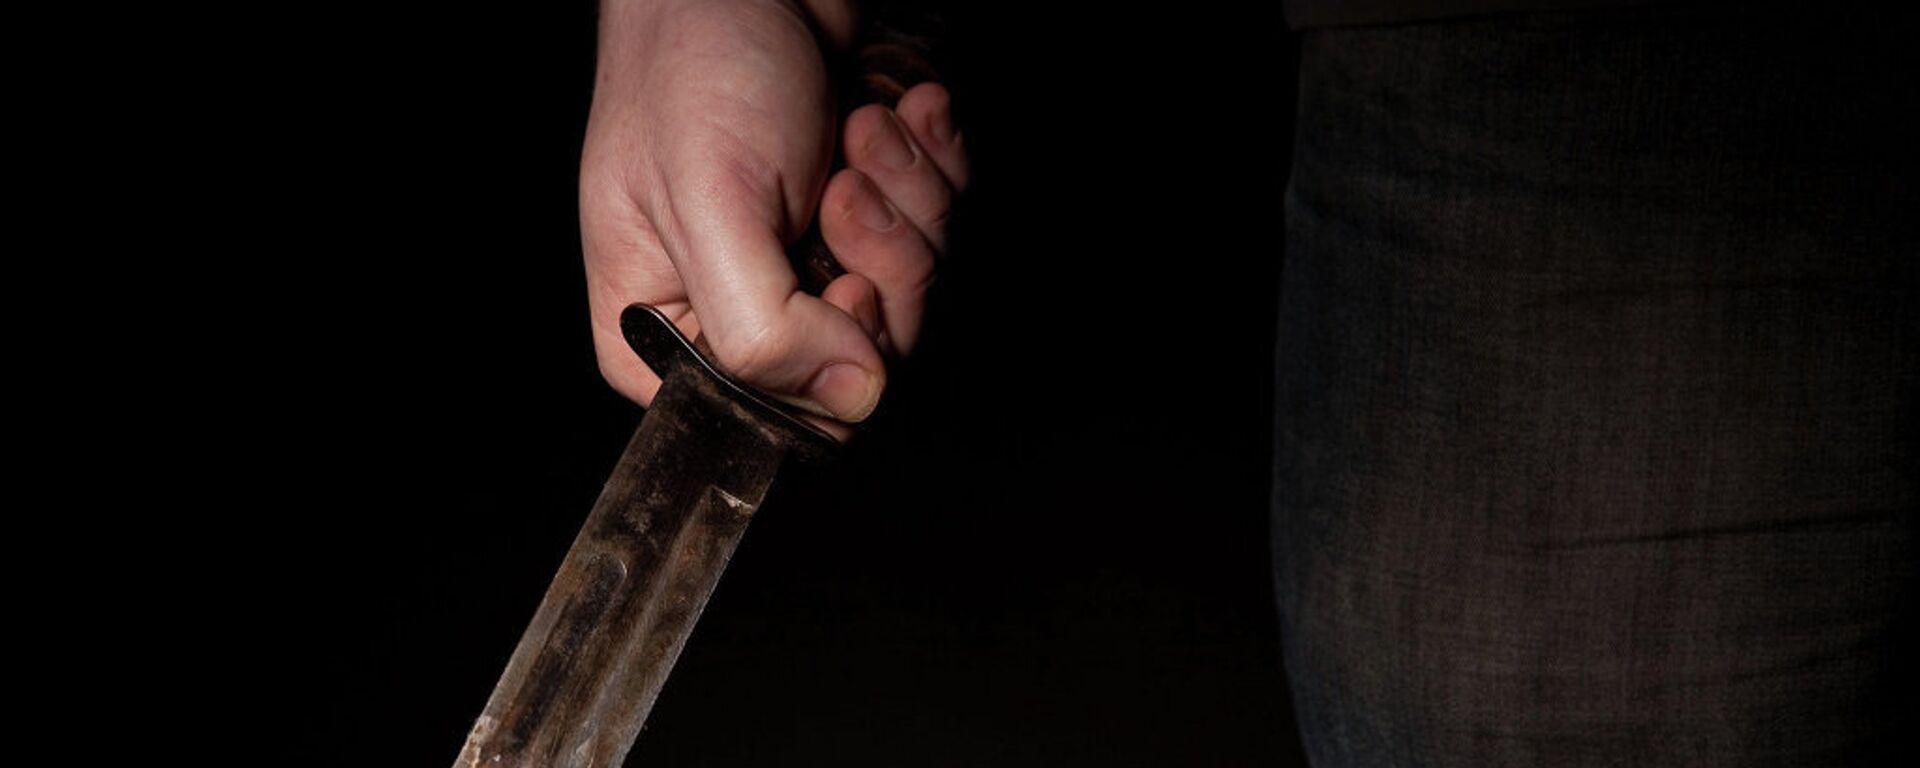 Нож в руке, архивное фото - Sputnik Тоҷикистон, 1920, 31.08.2021